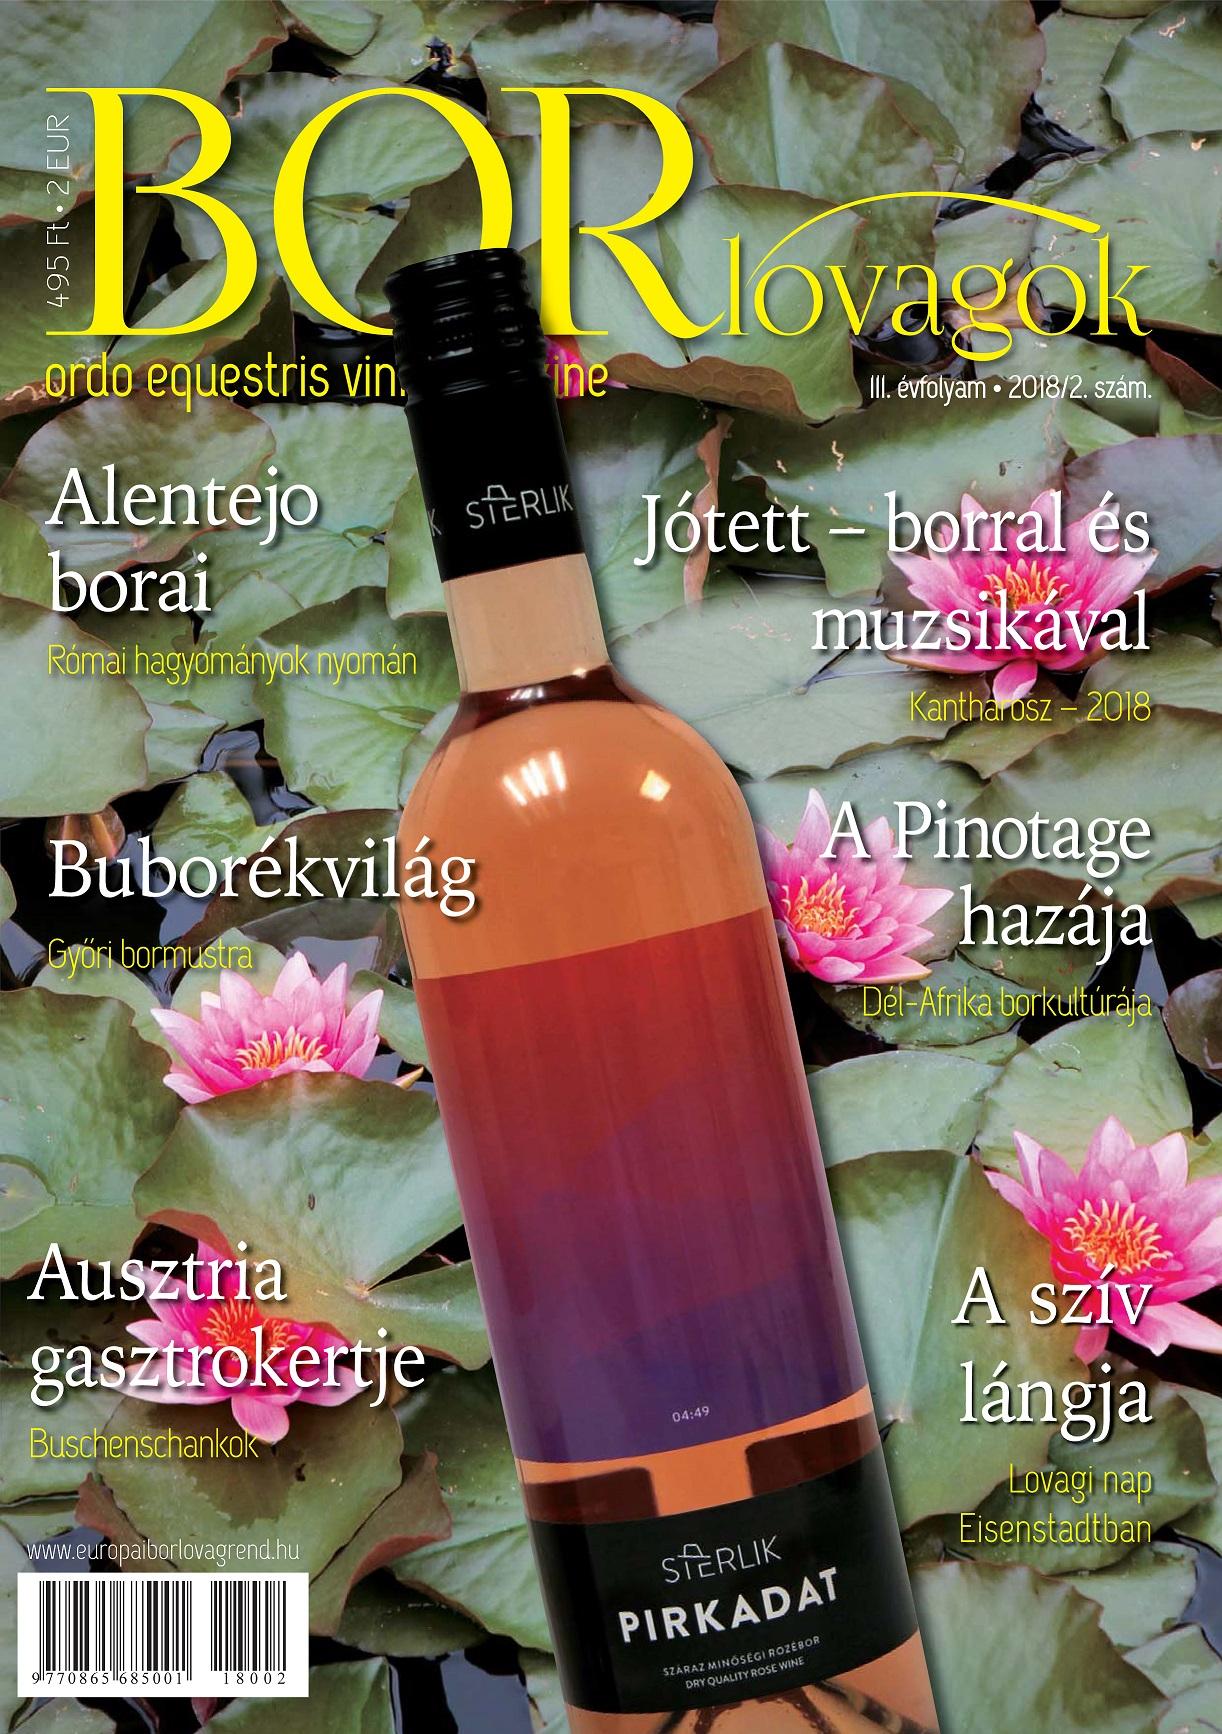 MEGJELENT A BORLOVAGOK Magazin 2018/2